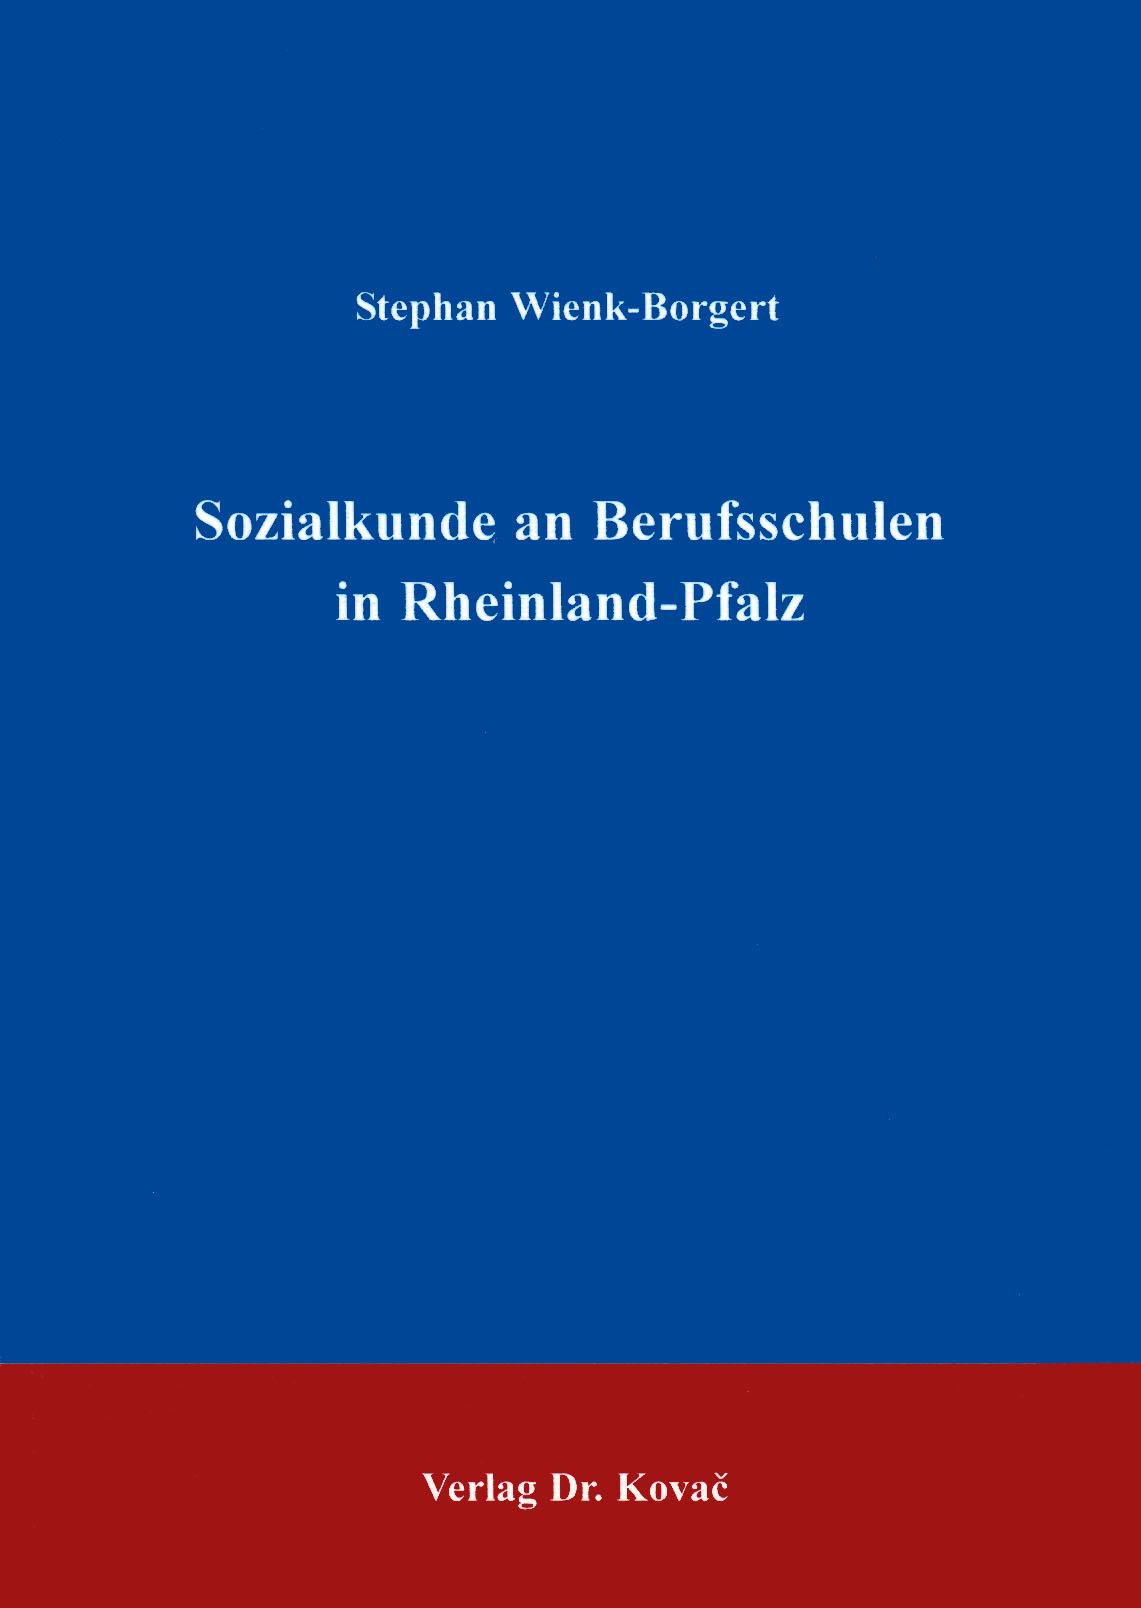 Cover: Sozialkunde an Berufsschulen in Rheinland-Pfalz